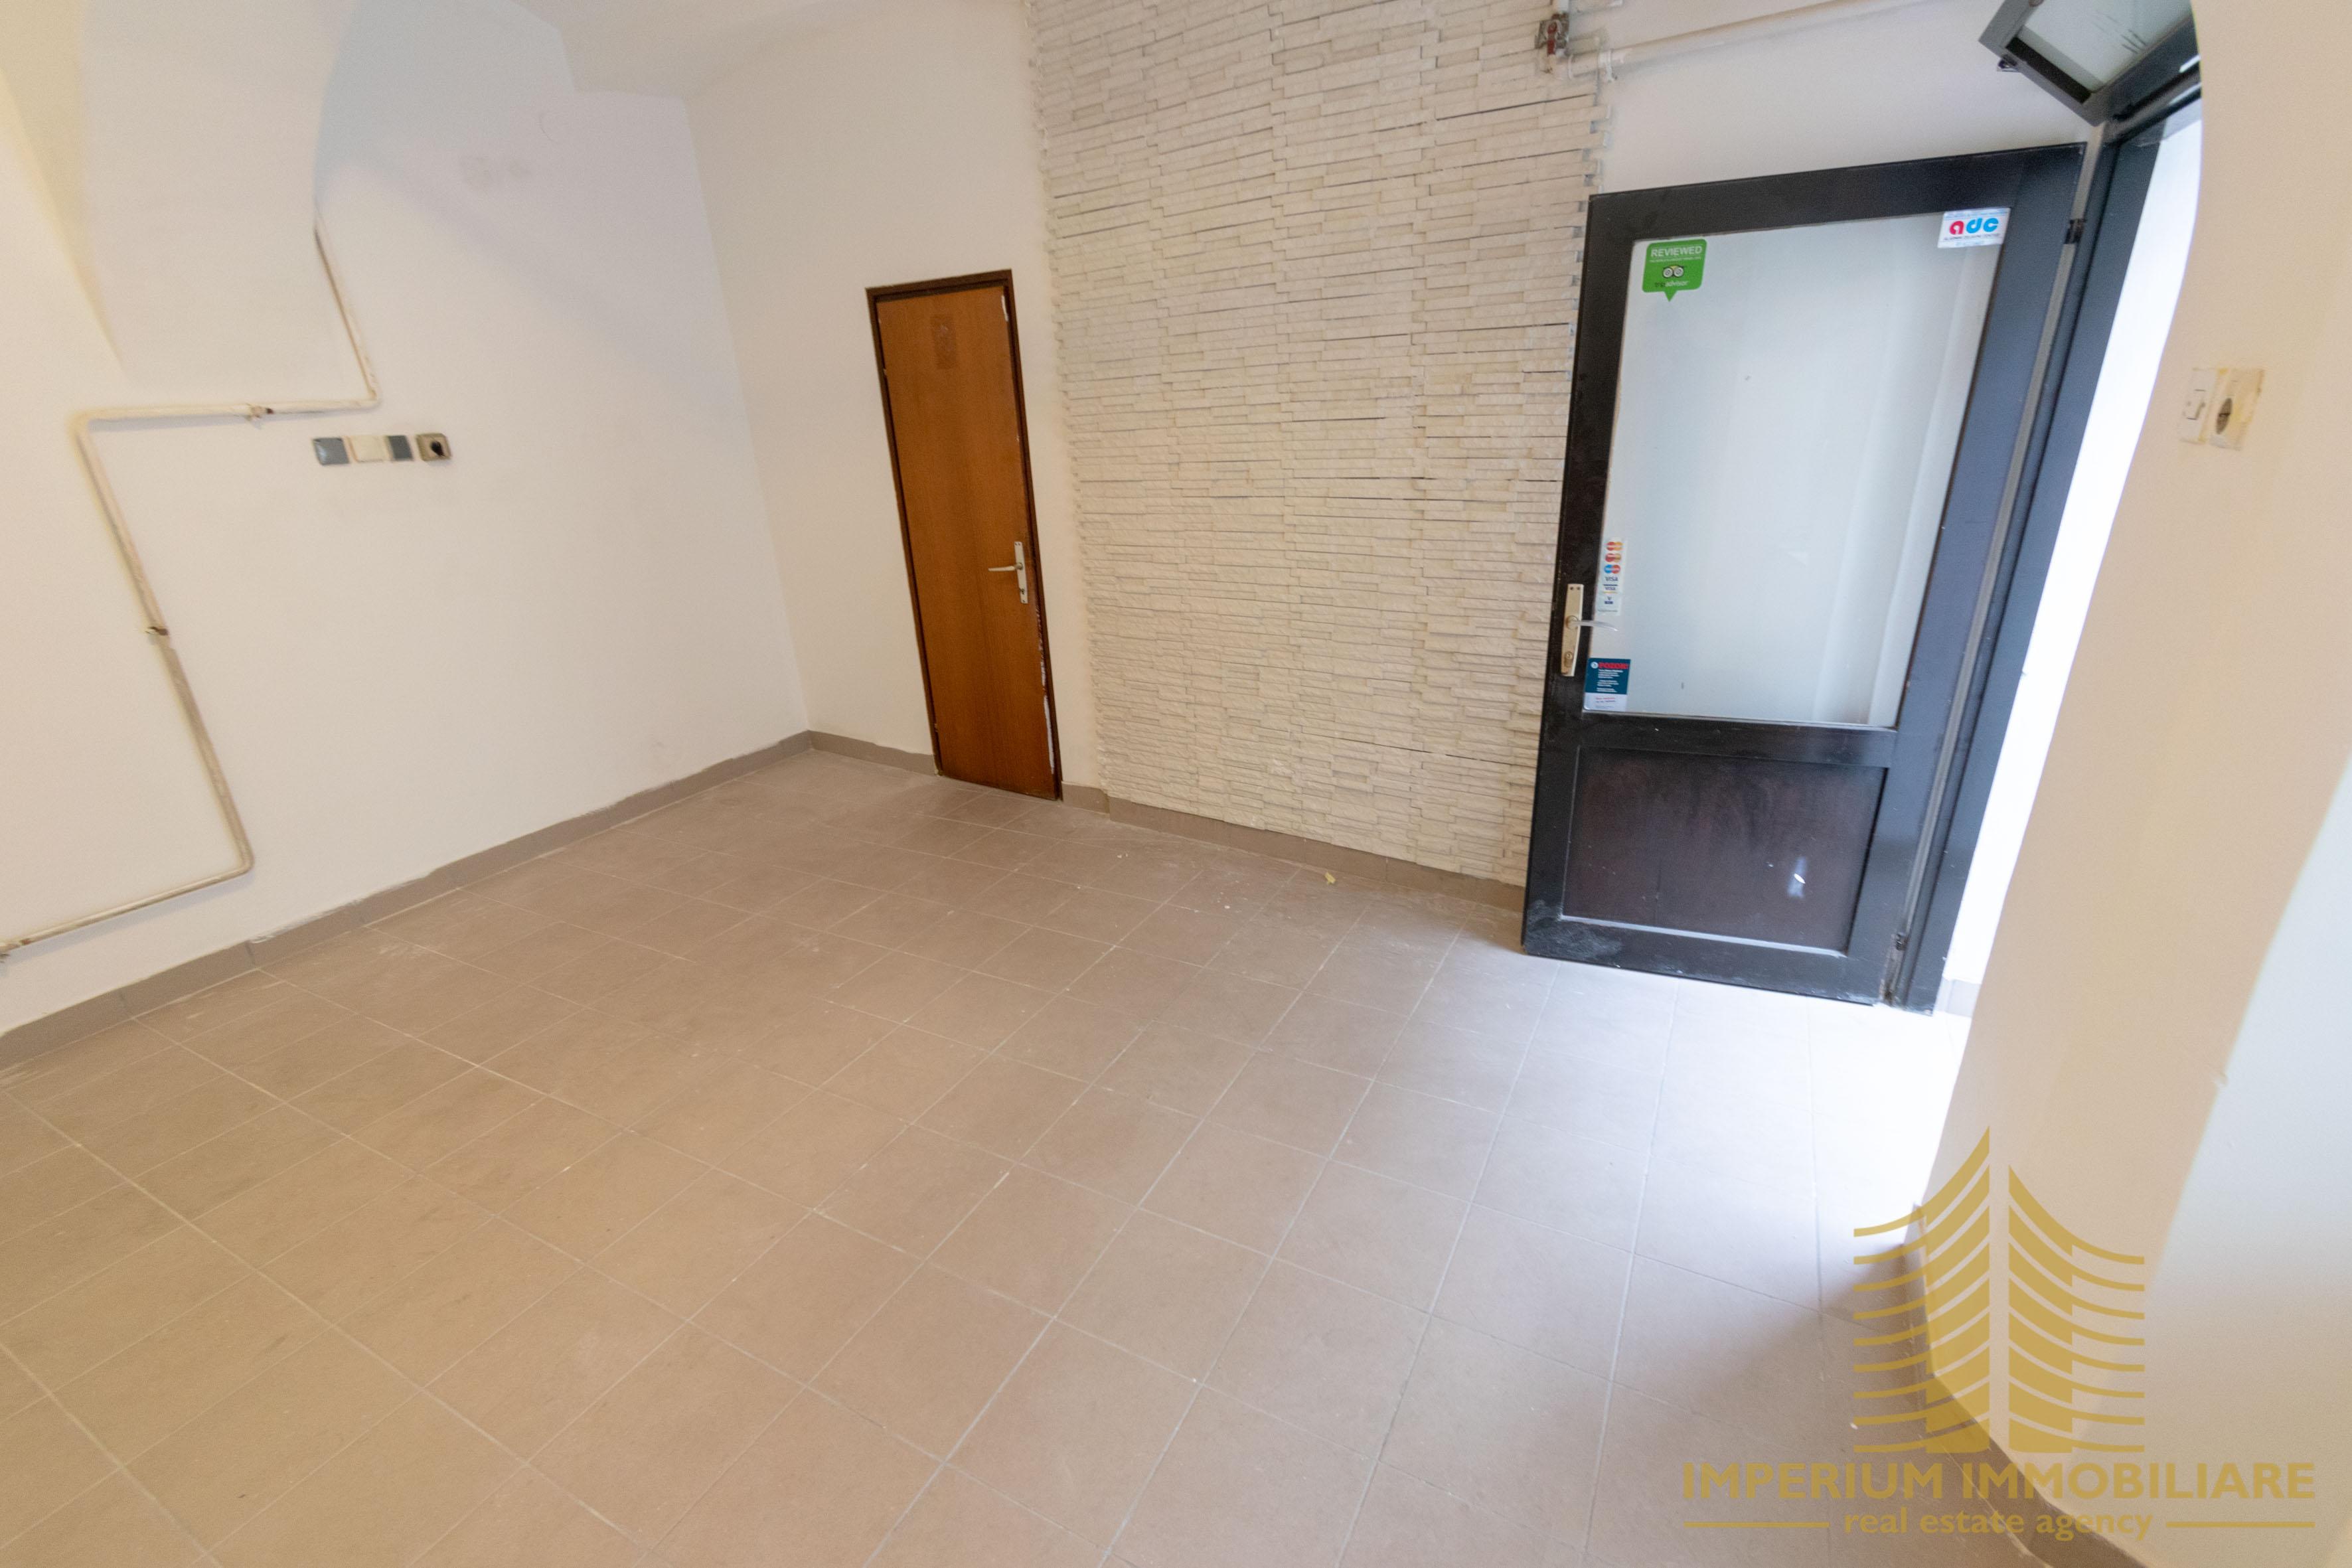 Poslovni prostor: Zagreb (Donji grad), 20 m2, VLAŠKA, EUROPSKI TRG (iznajmljivanje)